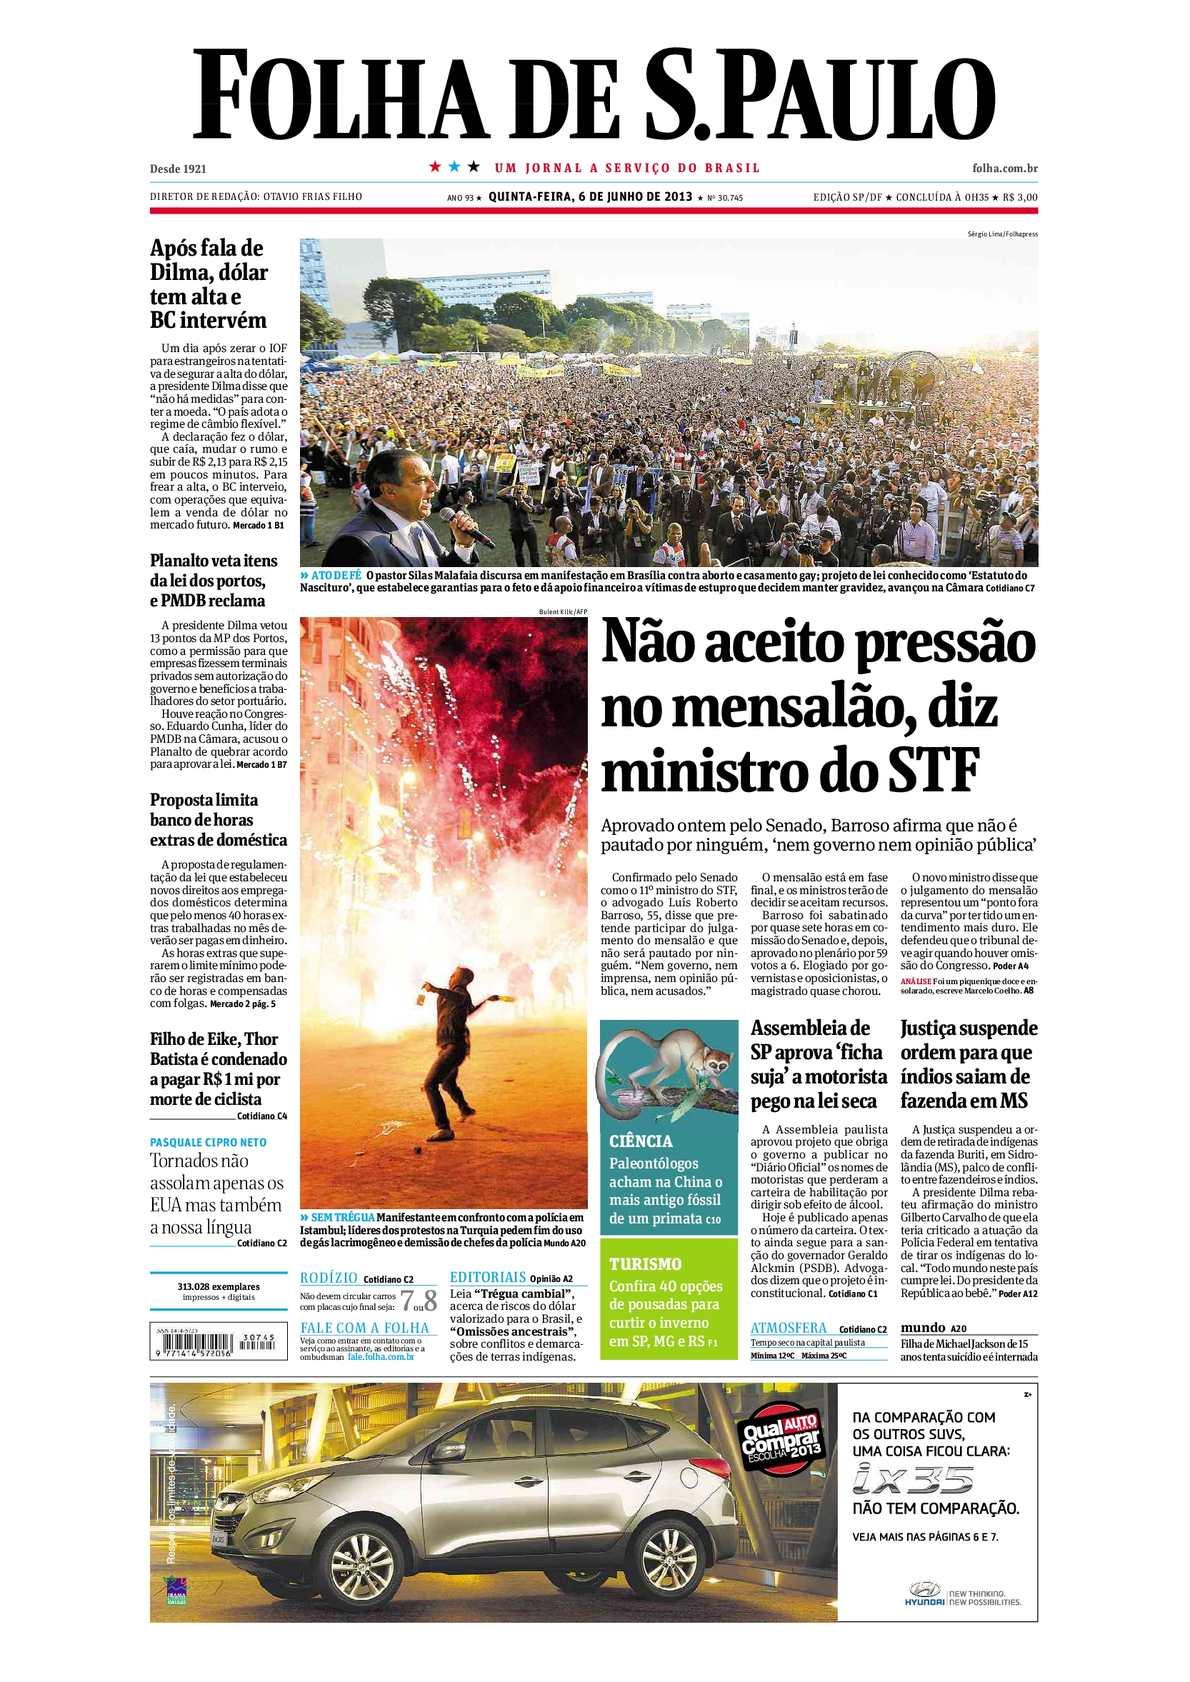 Calaméo - Folha de São Paulo 06-06-13 997312566ba1c